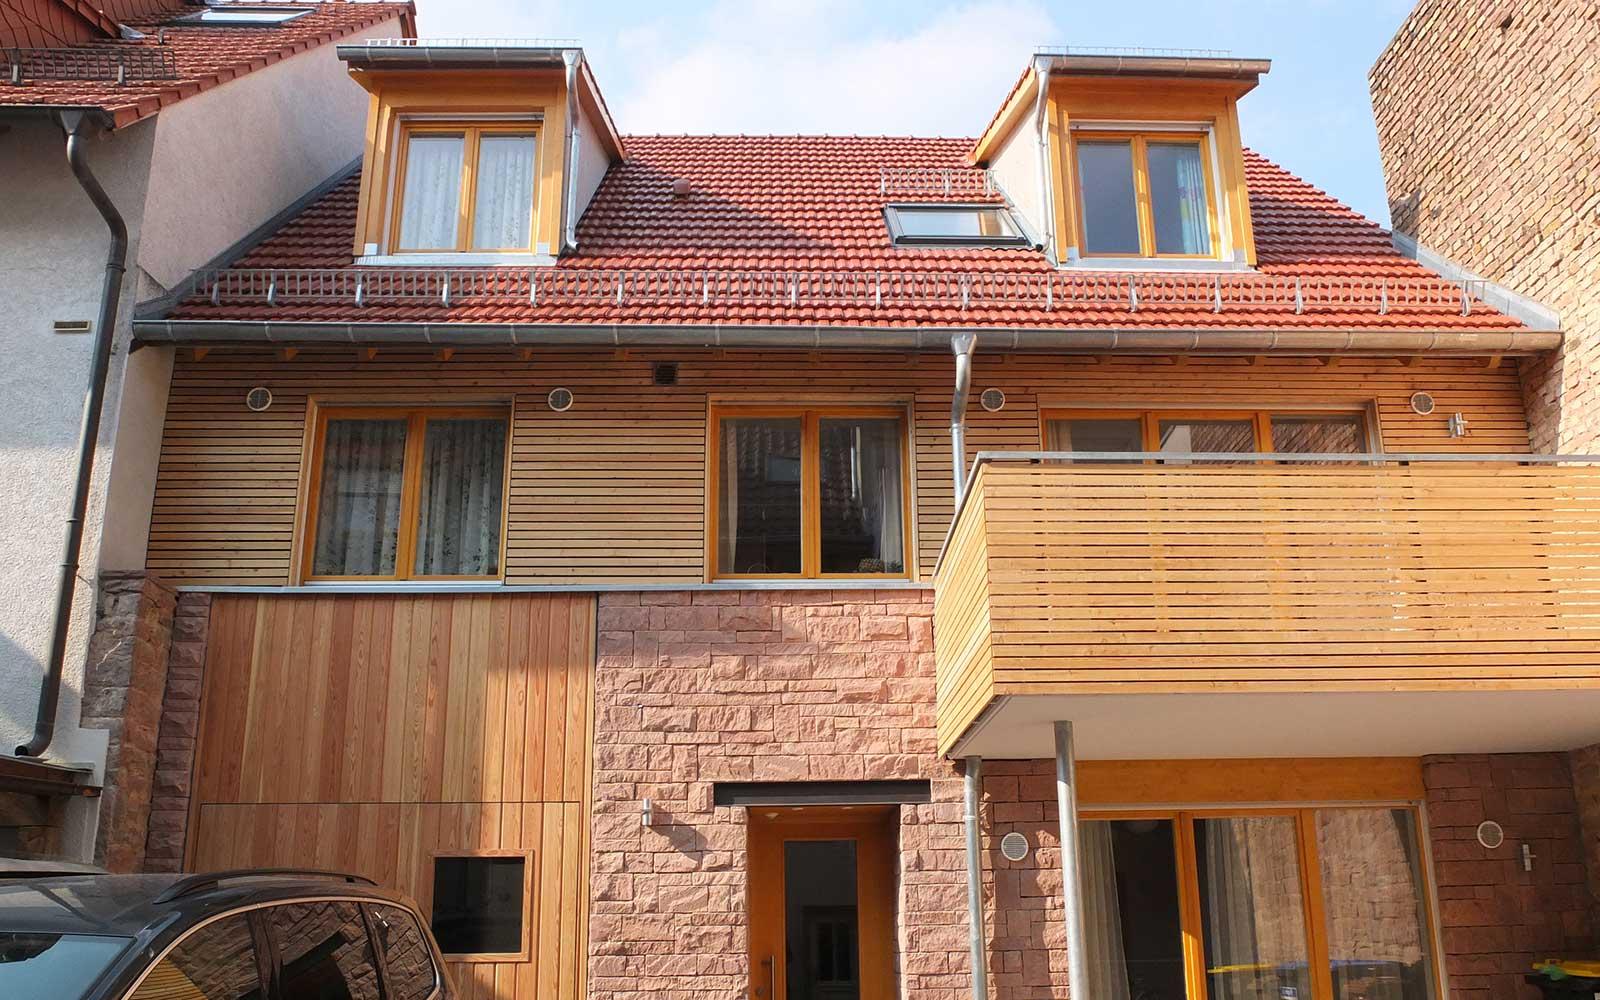 Scheunenausbau in Heidelberg Handschuhsheim, Architekt Heidelberg: Kochhan und Weckbach